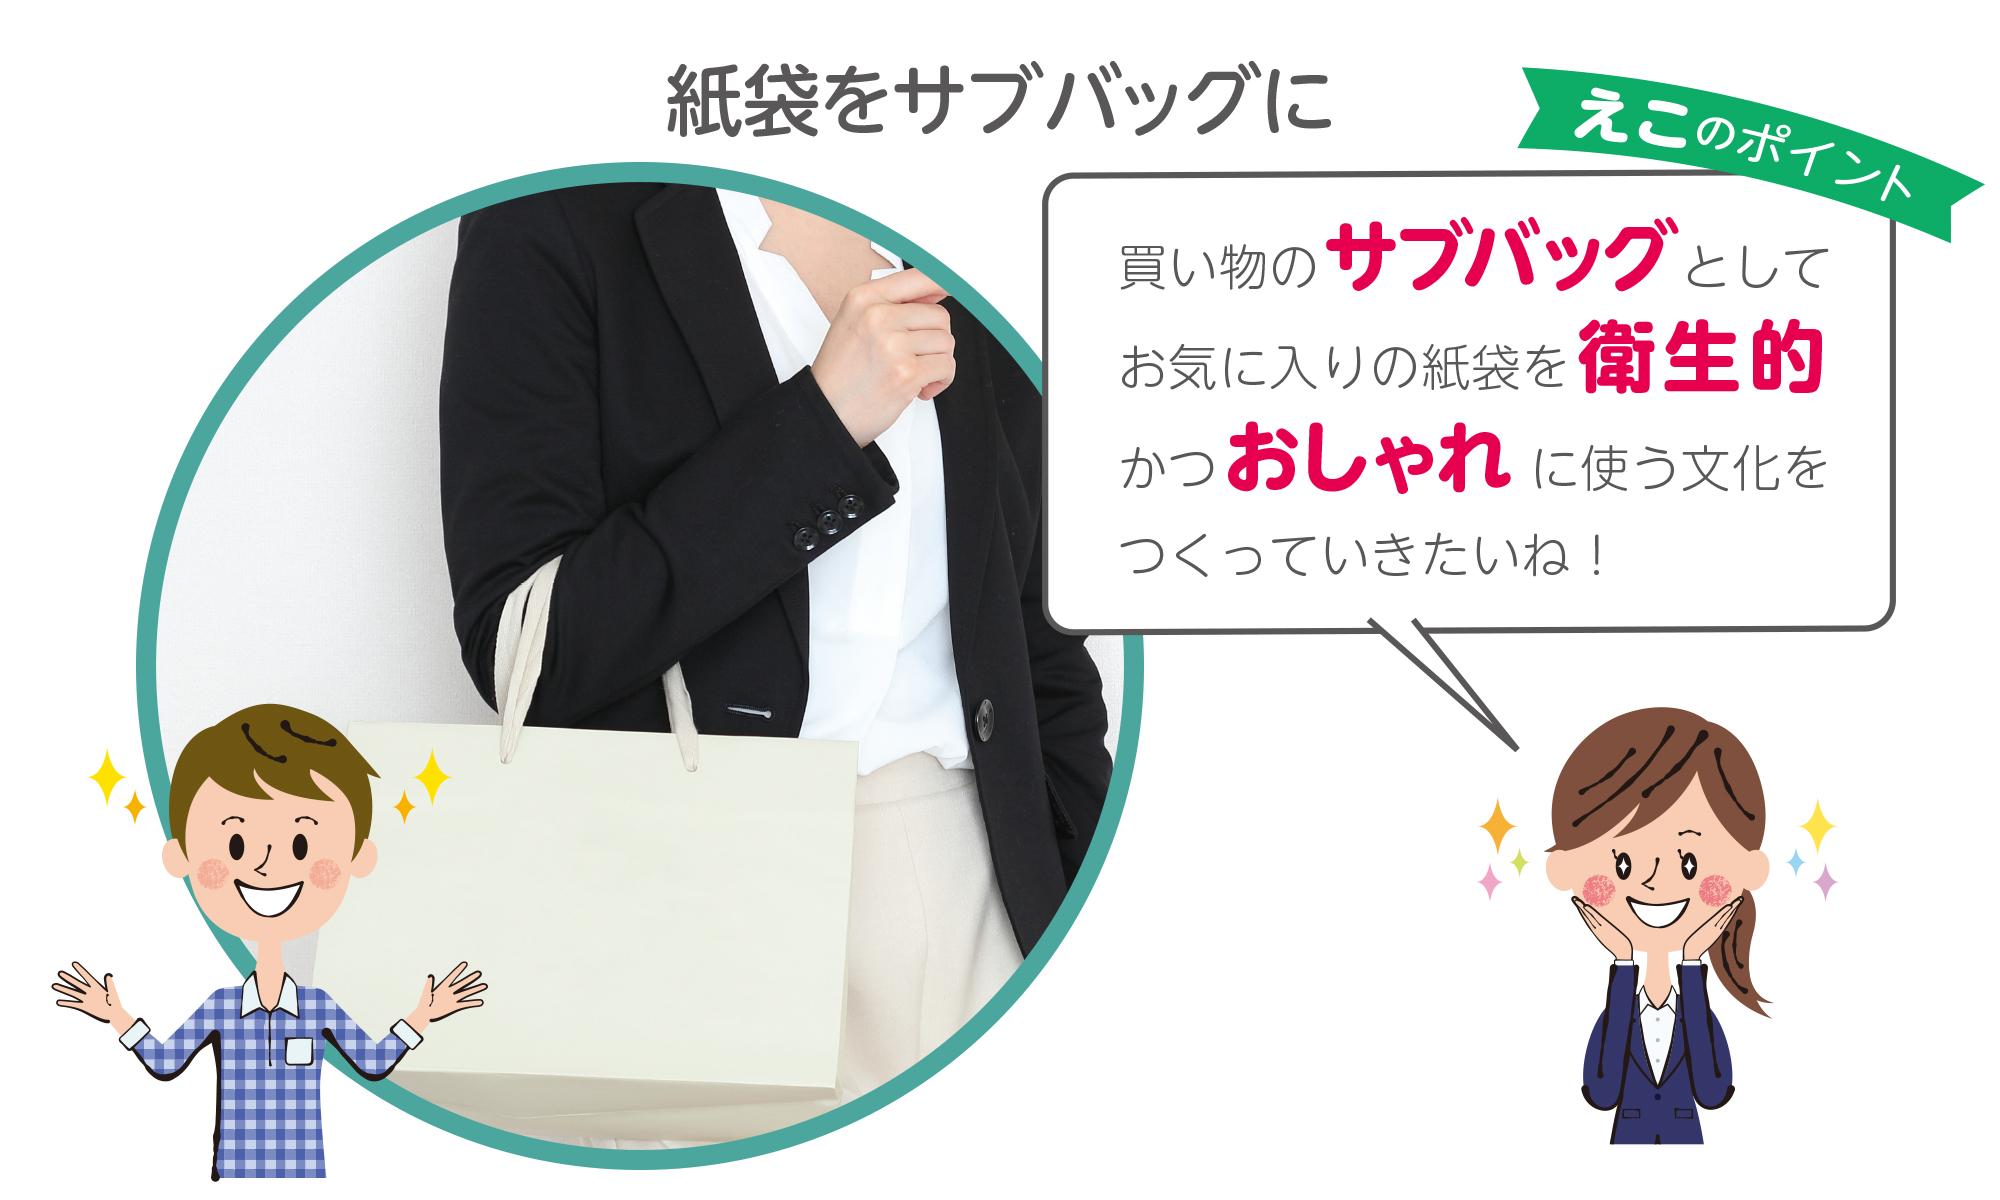 買い物のサブバッグとしての紙袋